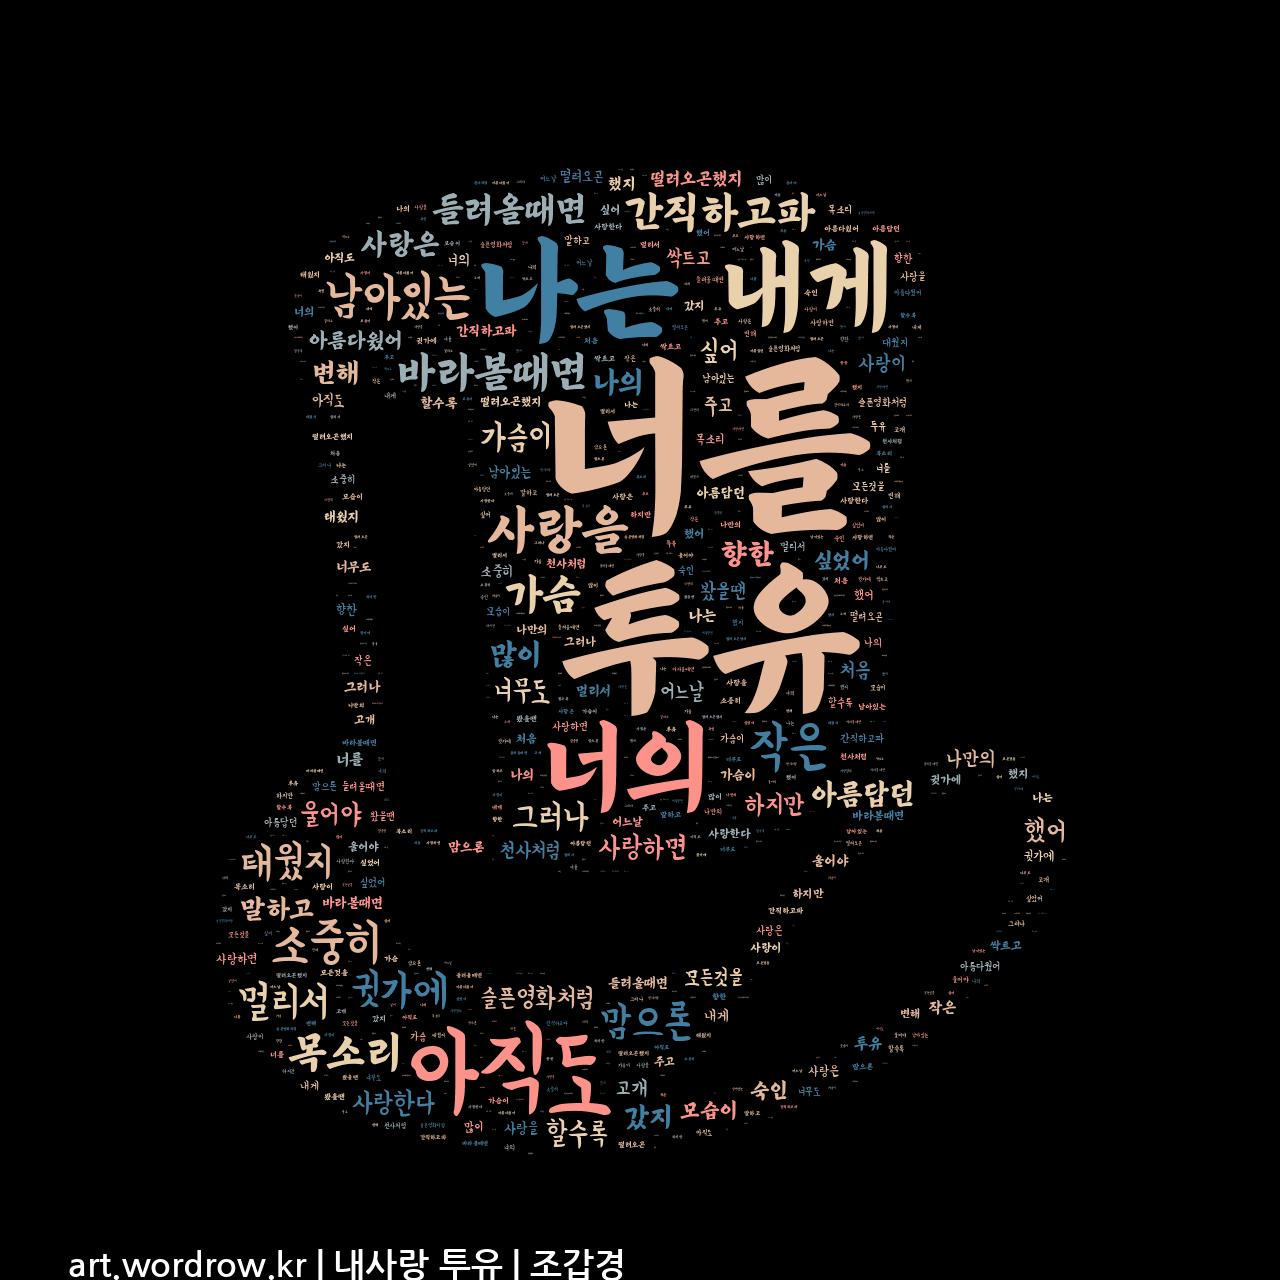 워드 클라우드: 내사랑 투유 [조갑경]-10